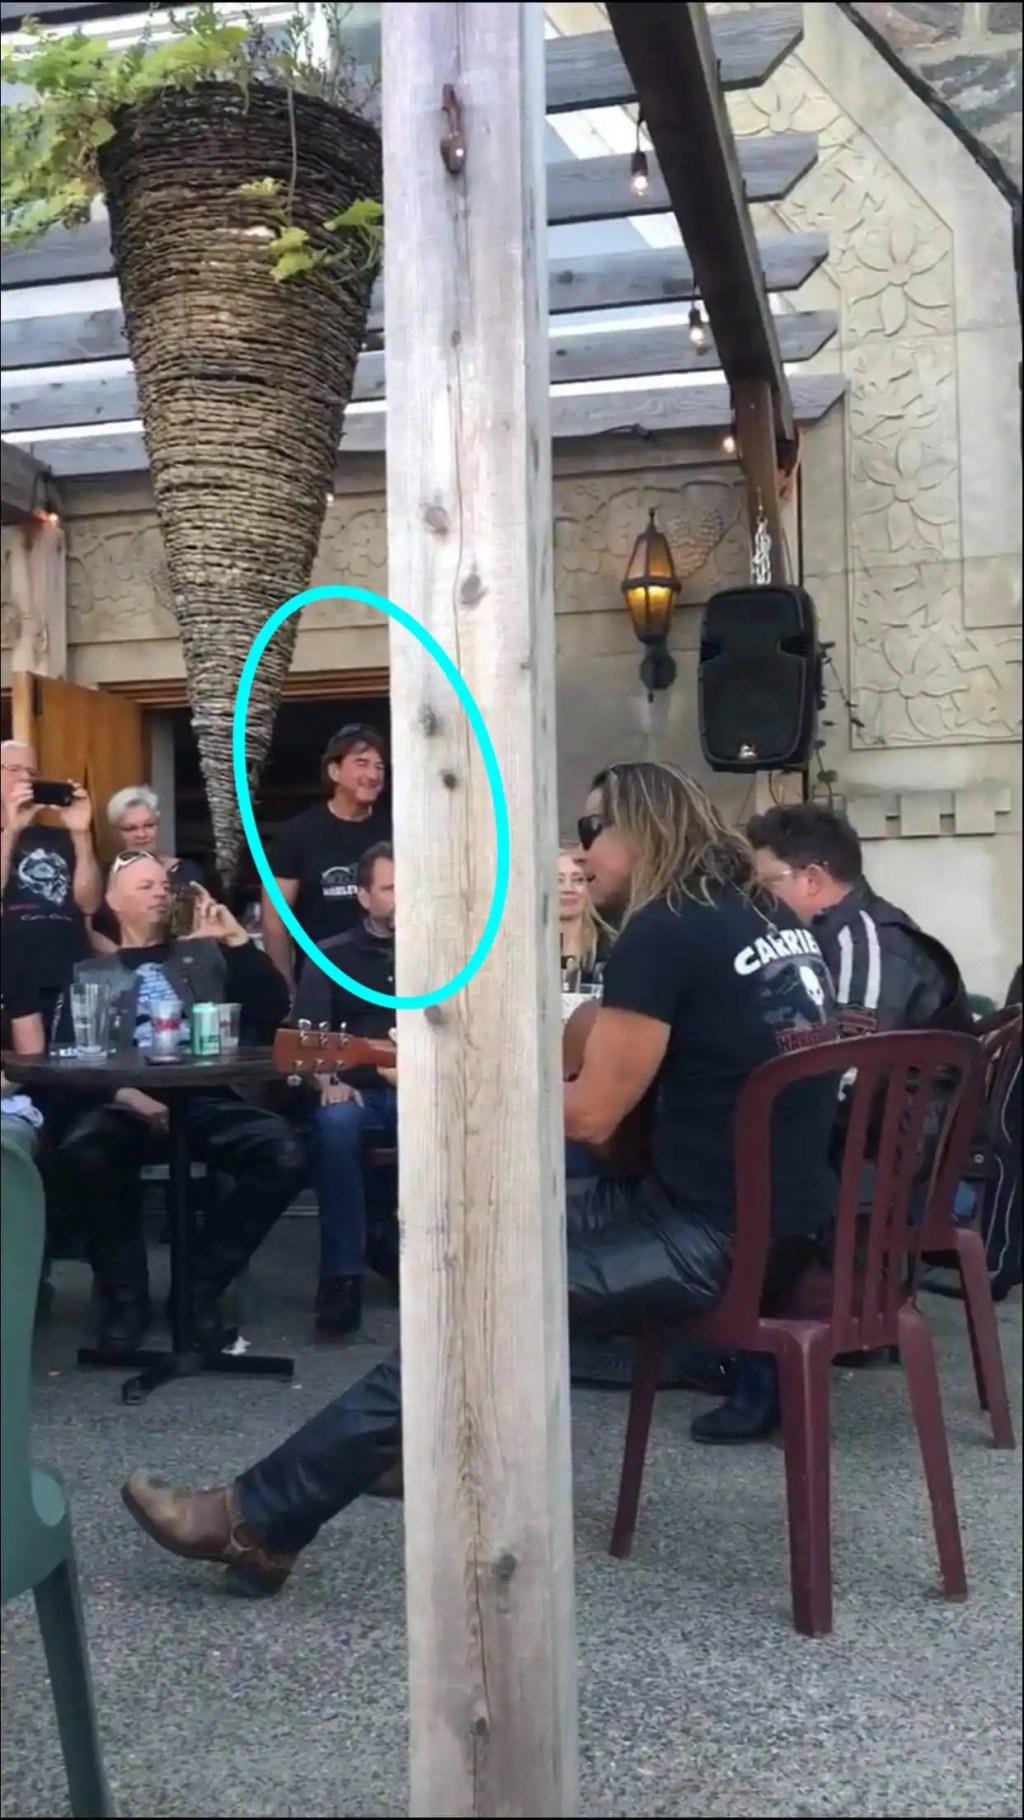 [VIDÉO] Party improvisé dans un bar en présence d'un maire et du chanteur Éric Lapointe